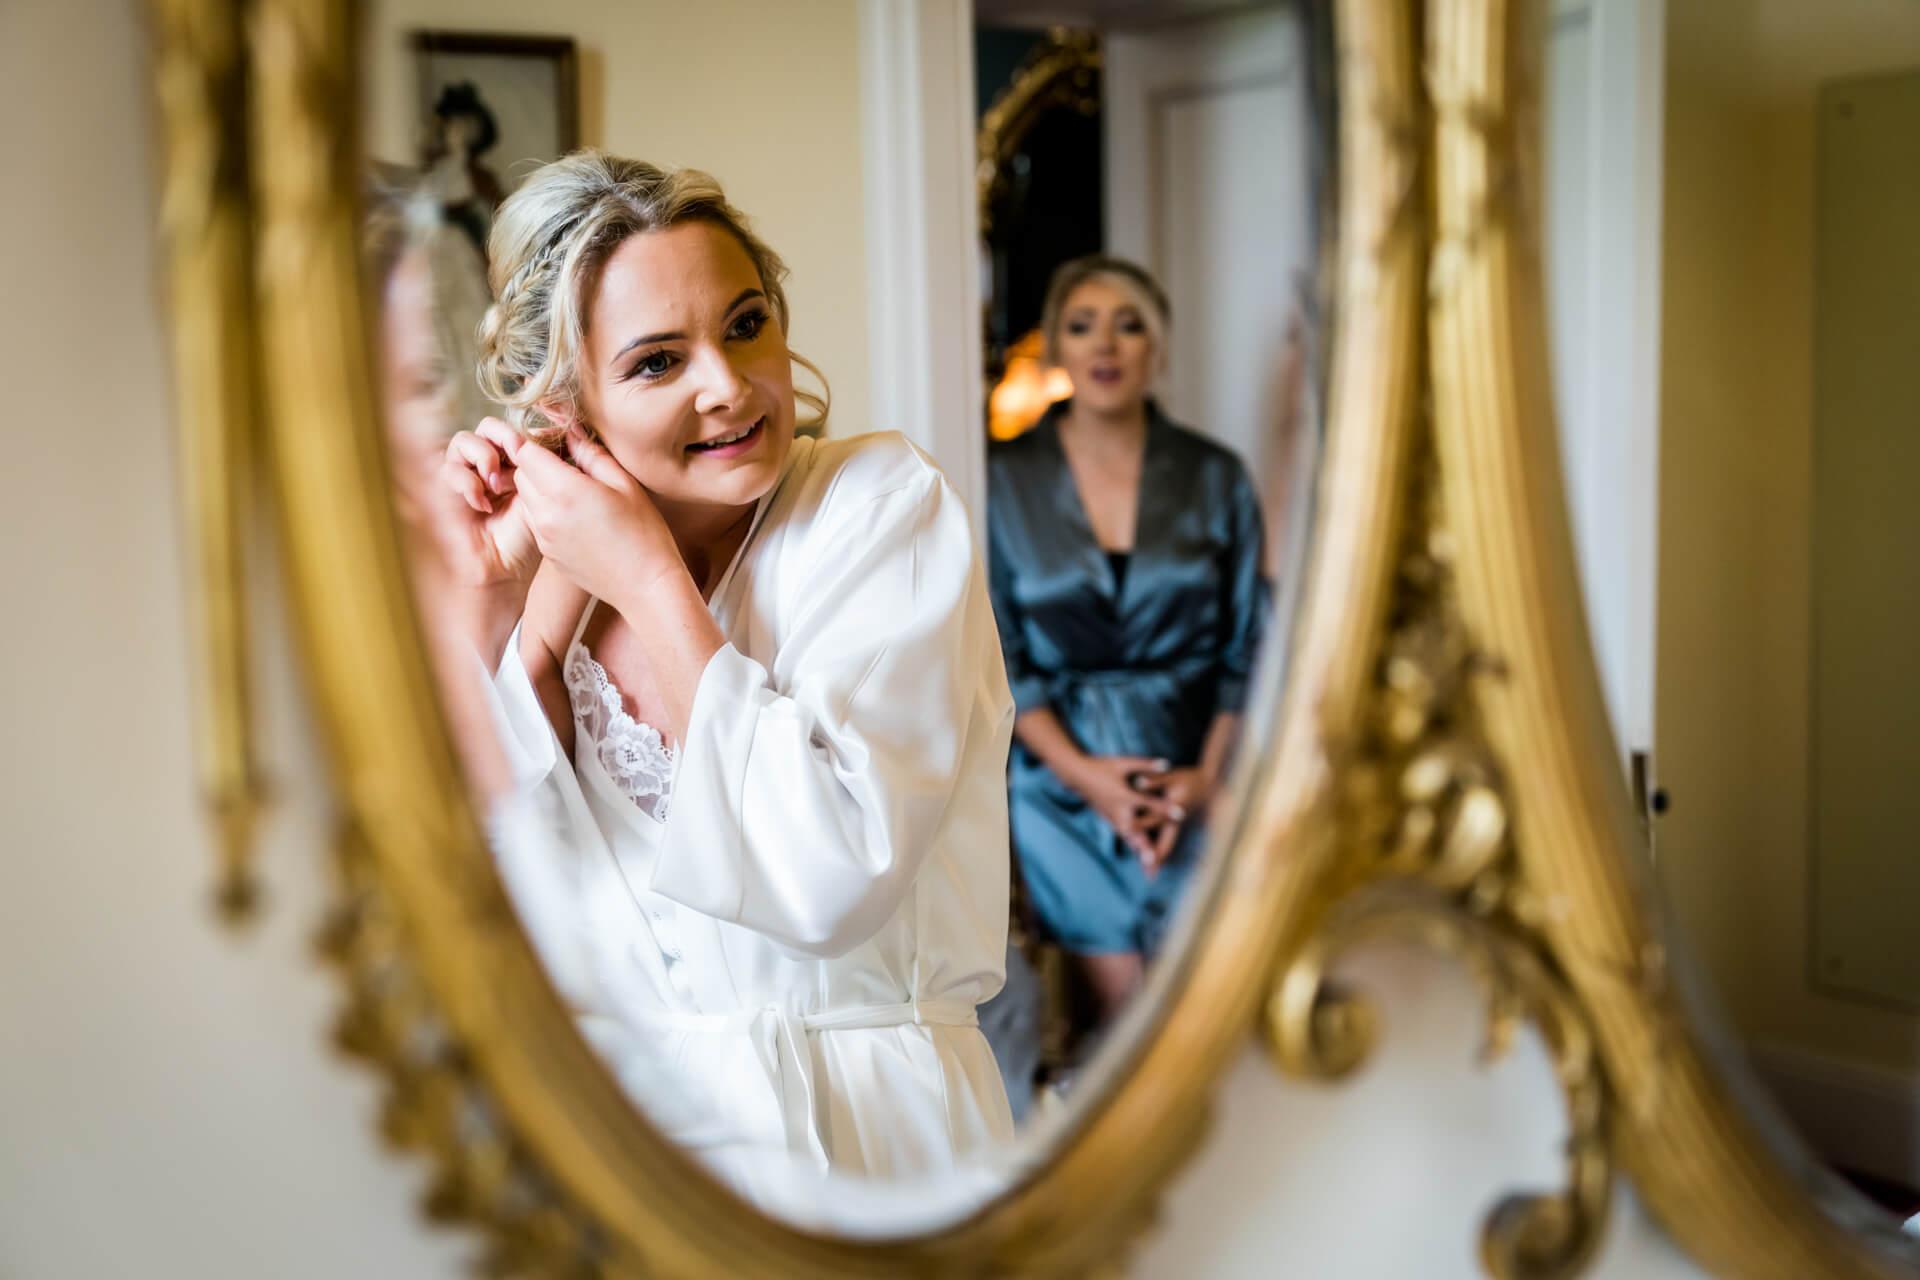 bride fixing her earrings in a mirror